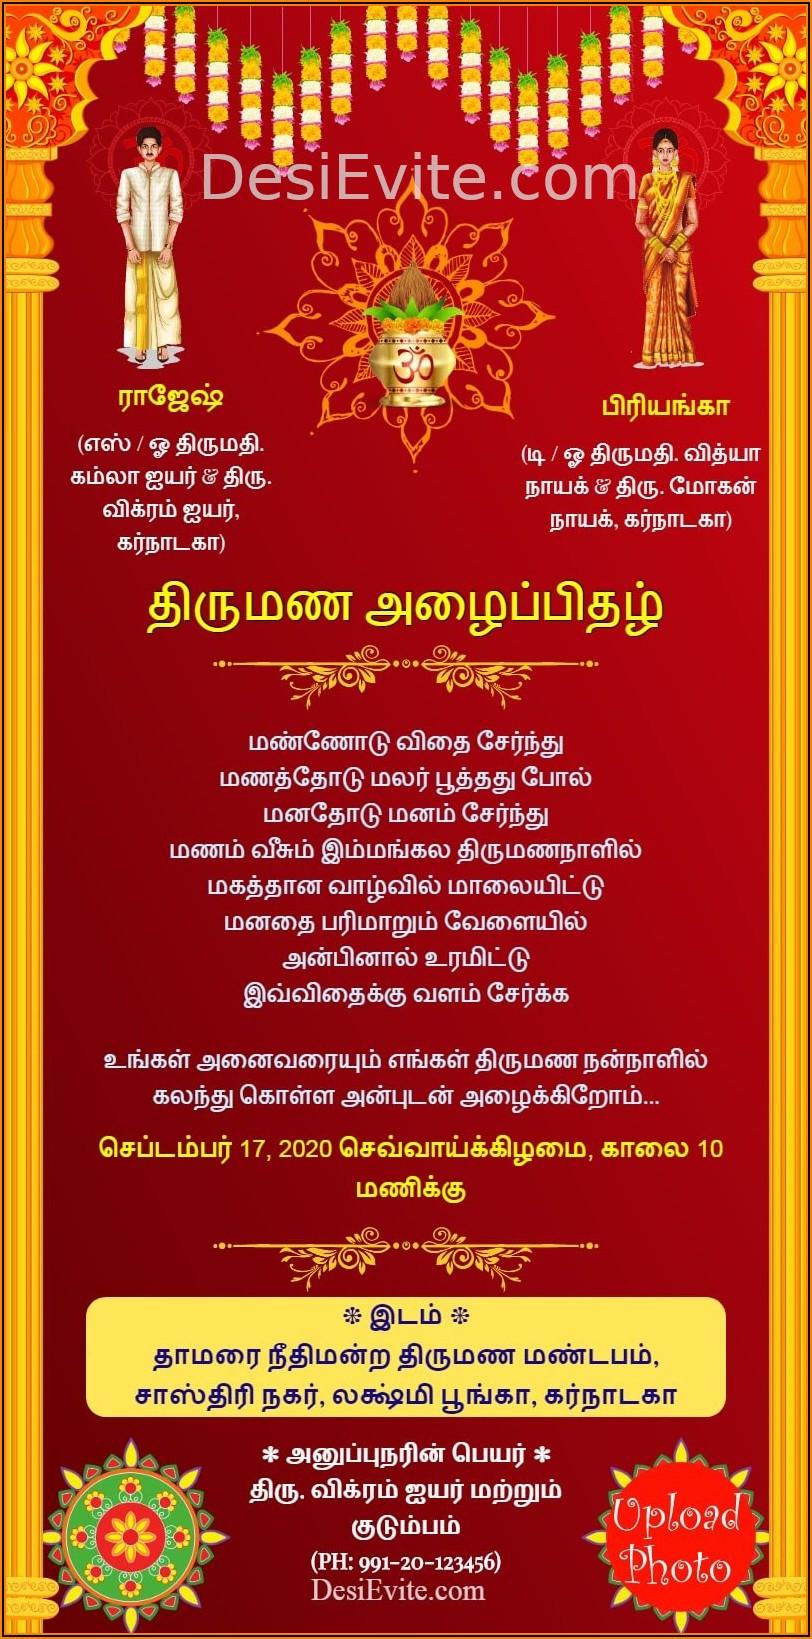 Housewarming Invitation Wordings In Tamil